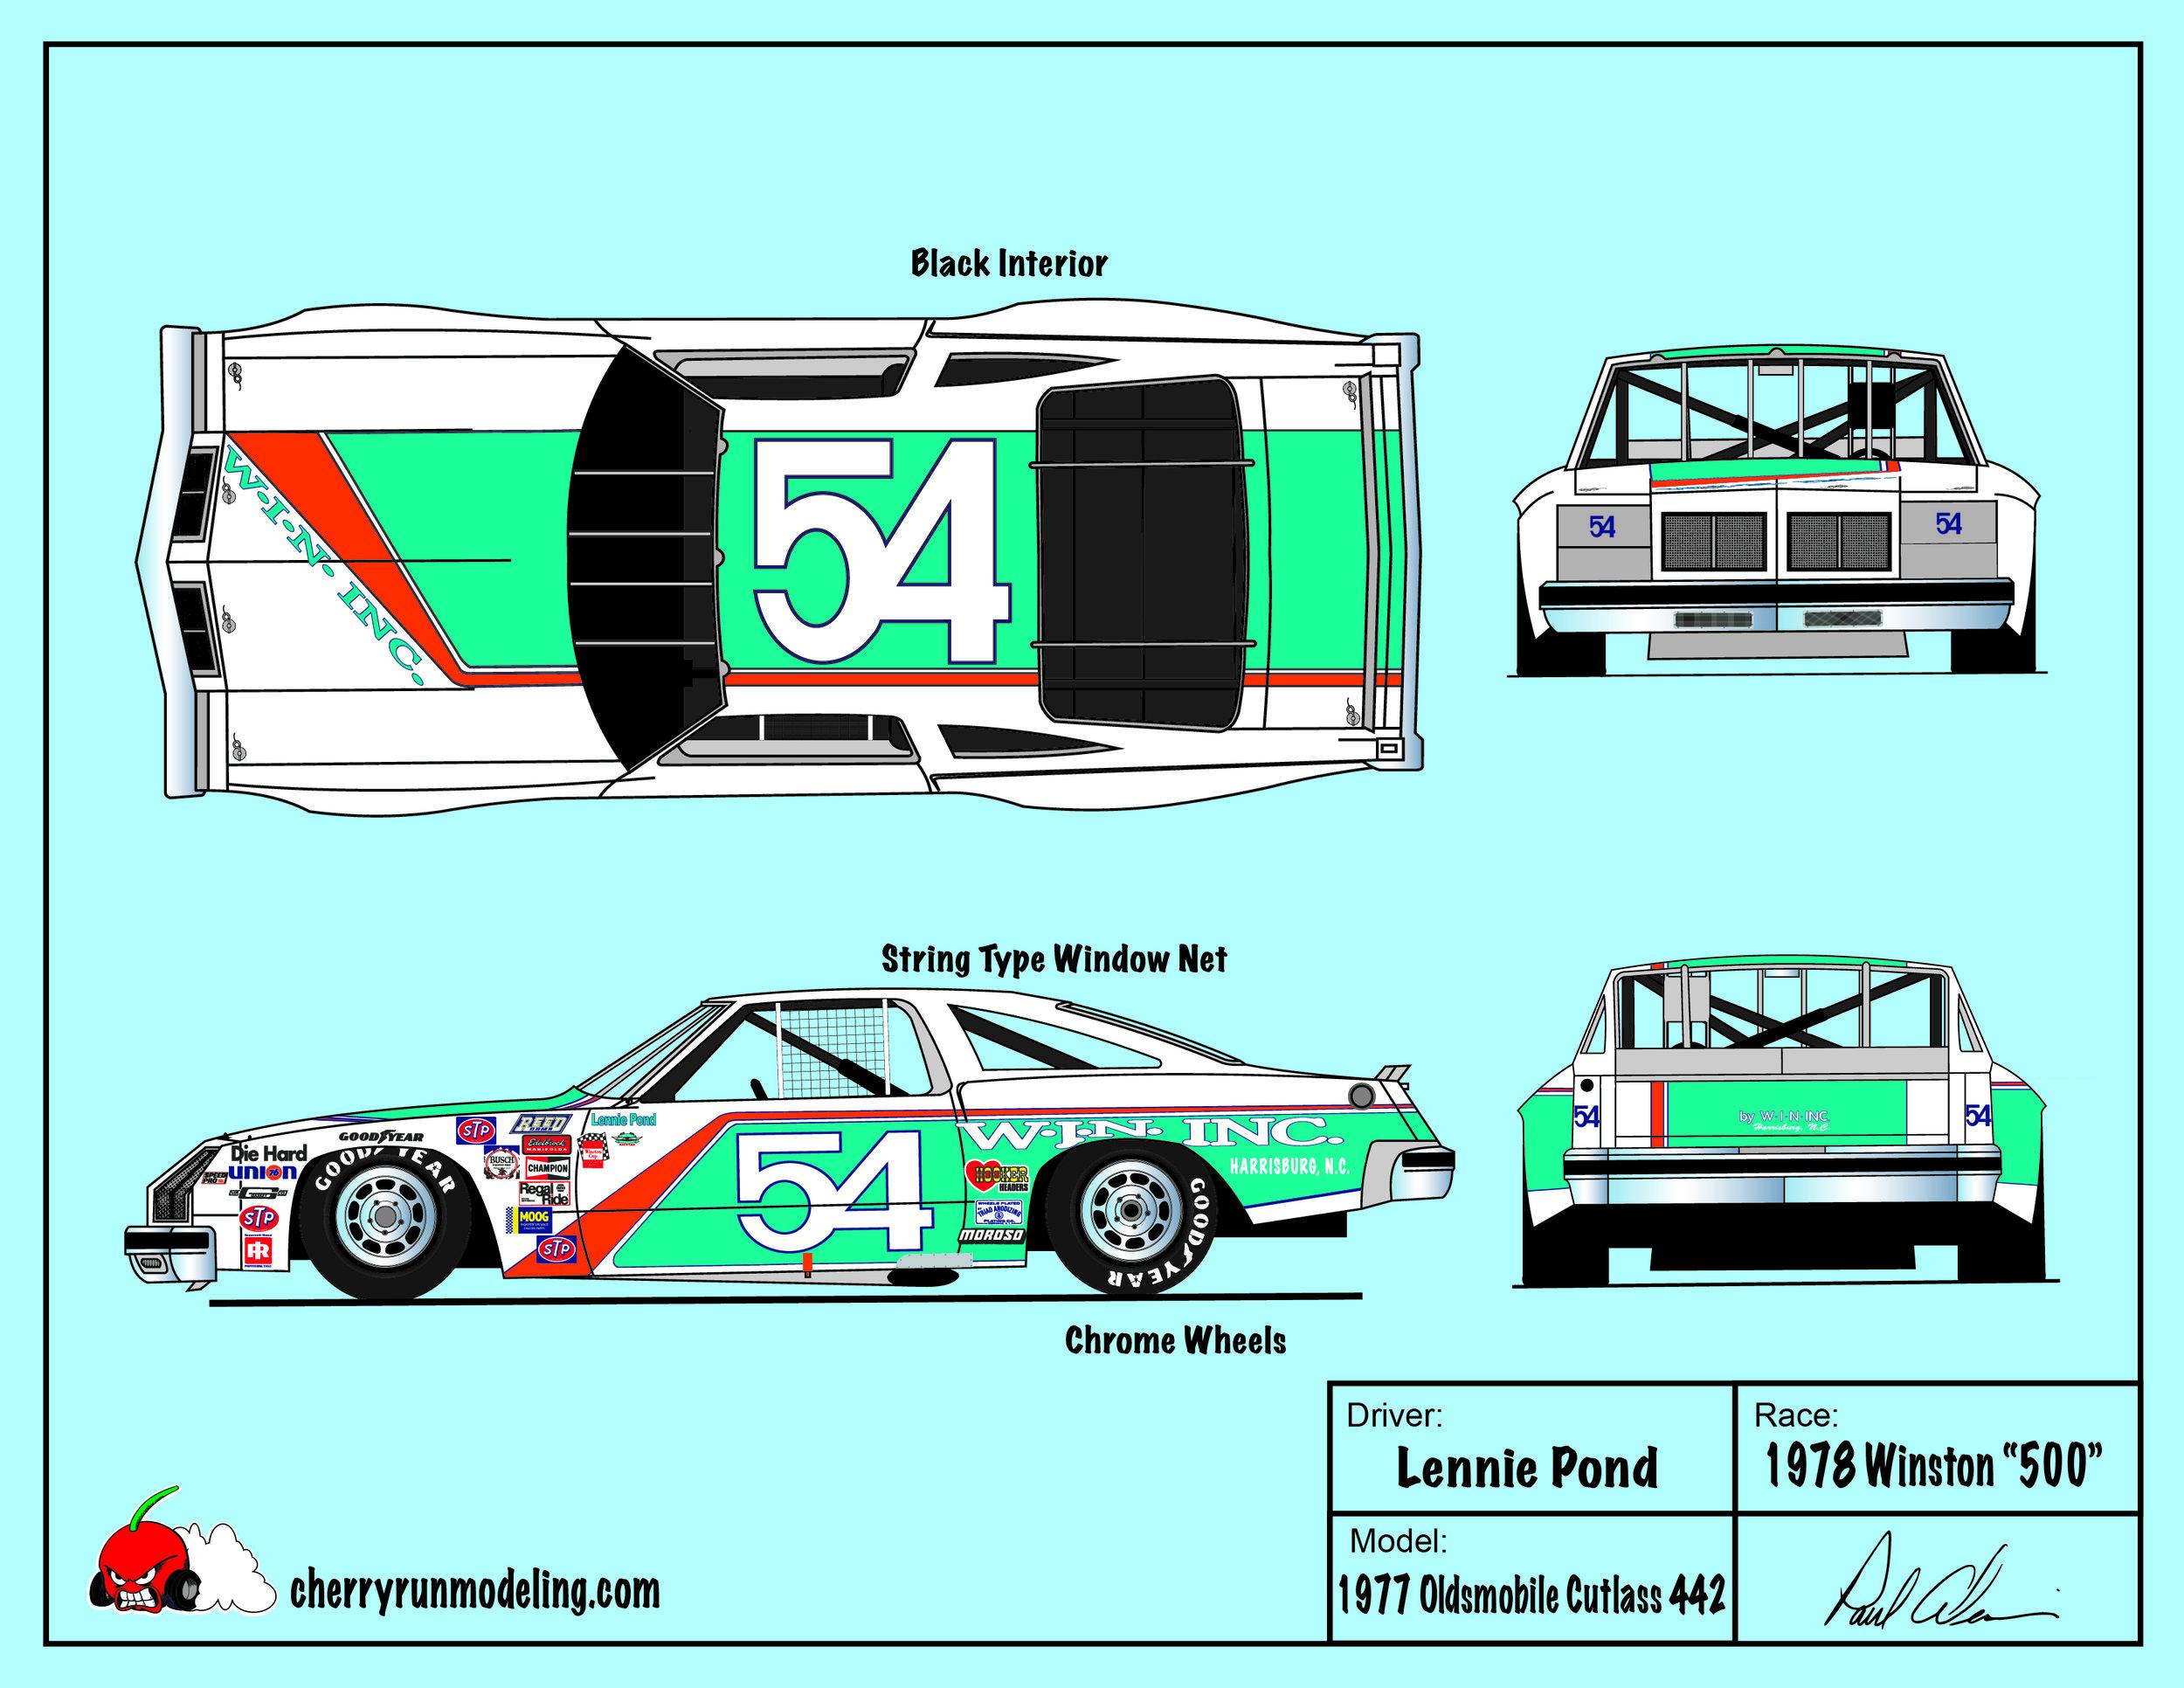 Lennie Pond 1978 Winston 500.jpg